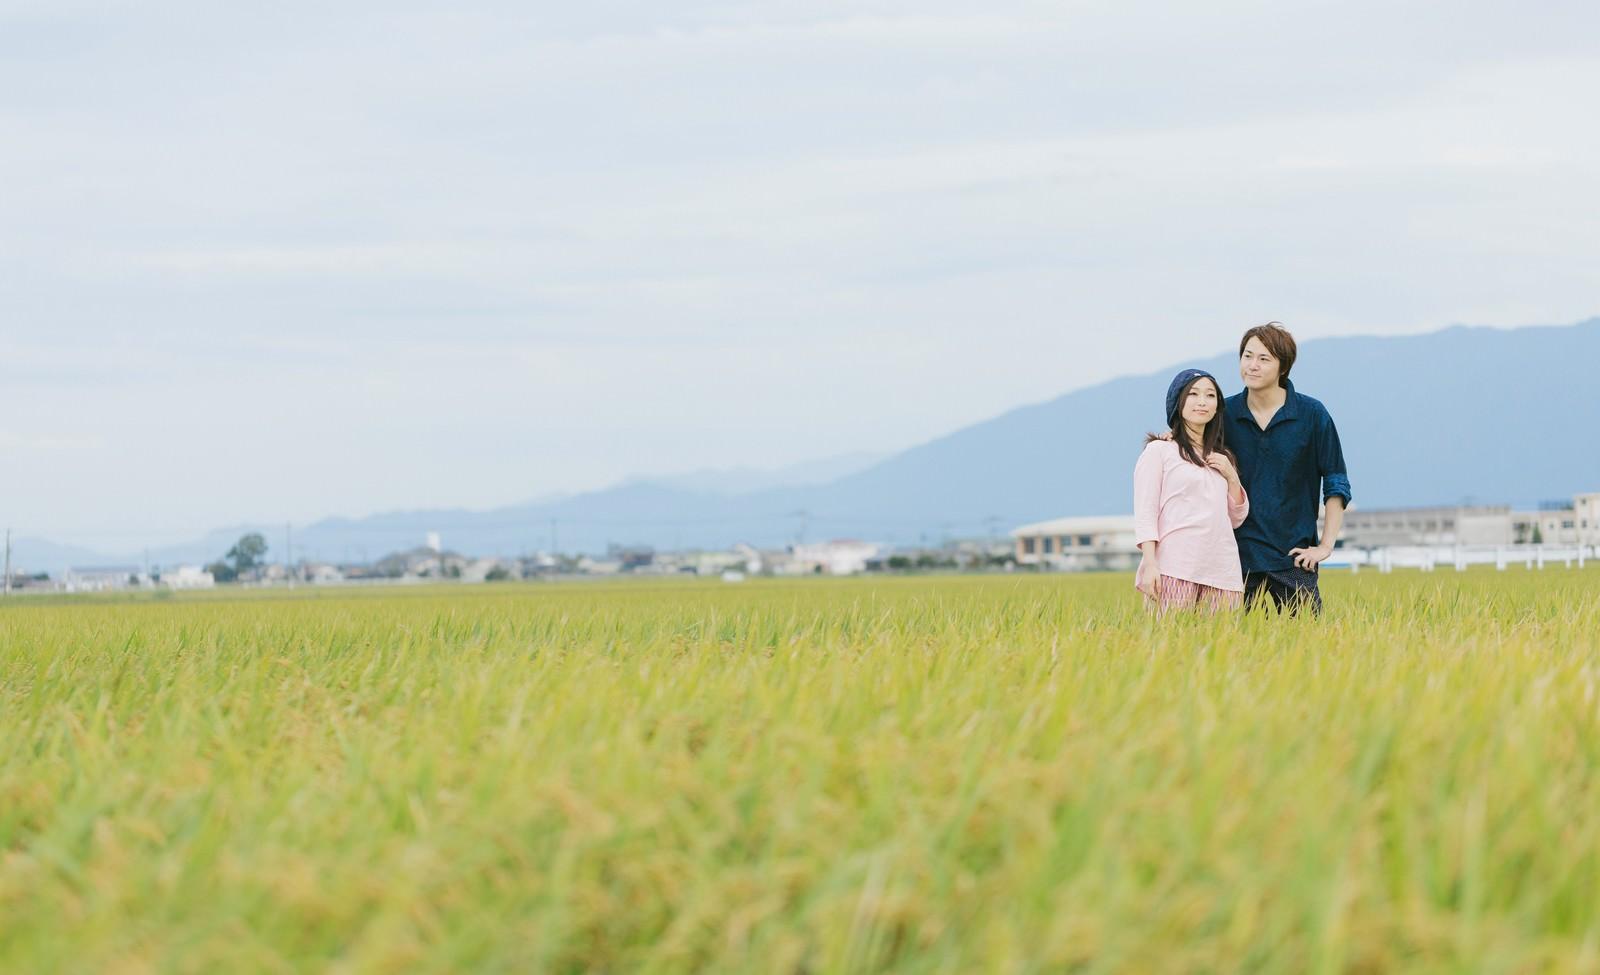 「夫婦二人三脚で育てた稲夫婦二人三脚で育てた稲」[モデル:五十嵐夫妻]のフリー写真素材を拡大